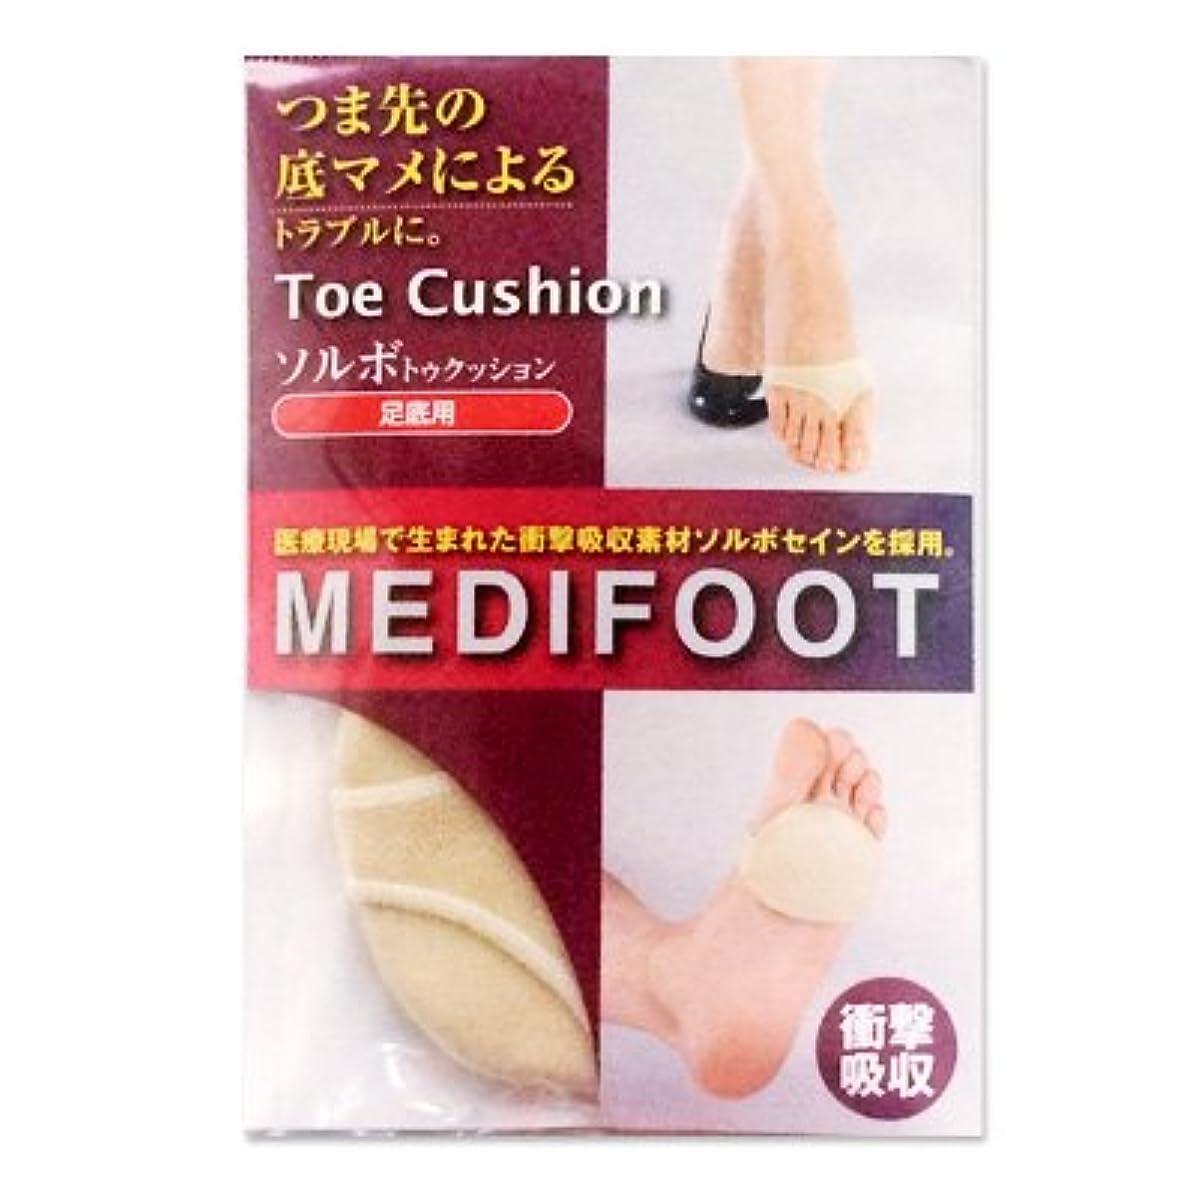 必需品紳士悪質なソルボ トゥクッション 足底用[女性フリーサイズ(22-25cm)]63003